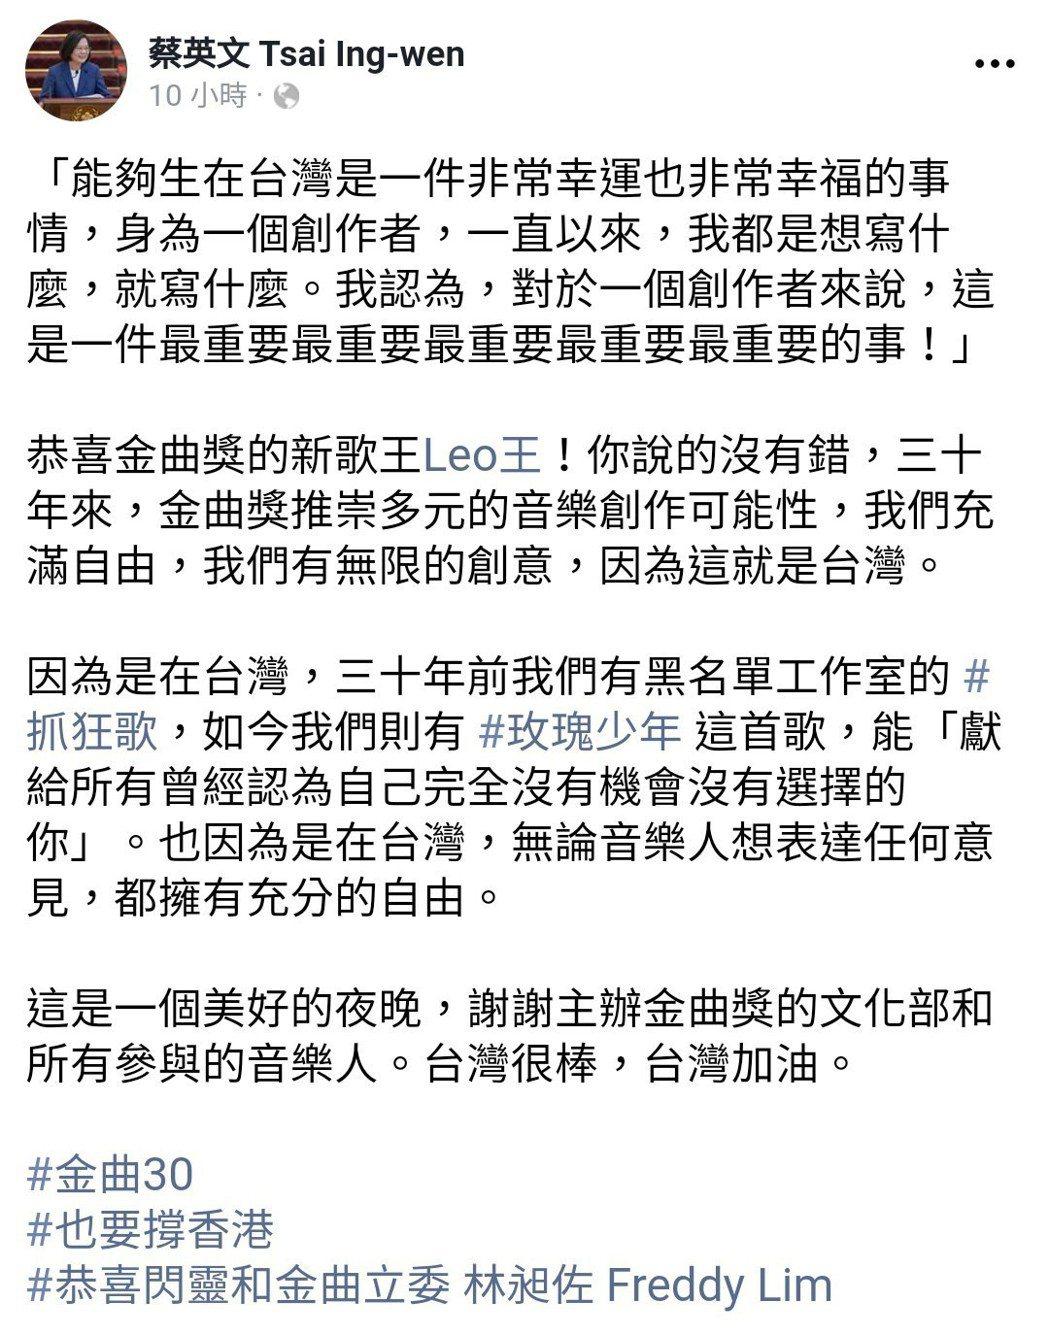 總統蔡英文在臉書發文祝賀金曲獎歌王Leo王。 圖/擷自蔡英文臉書